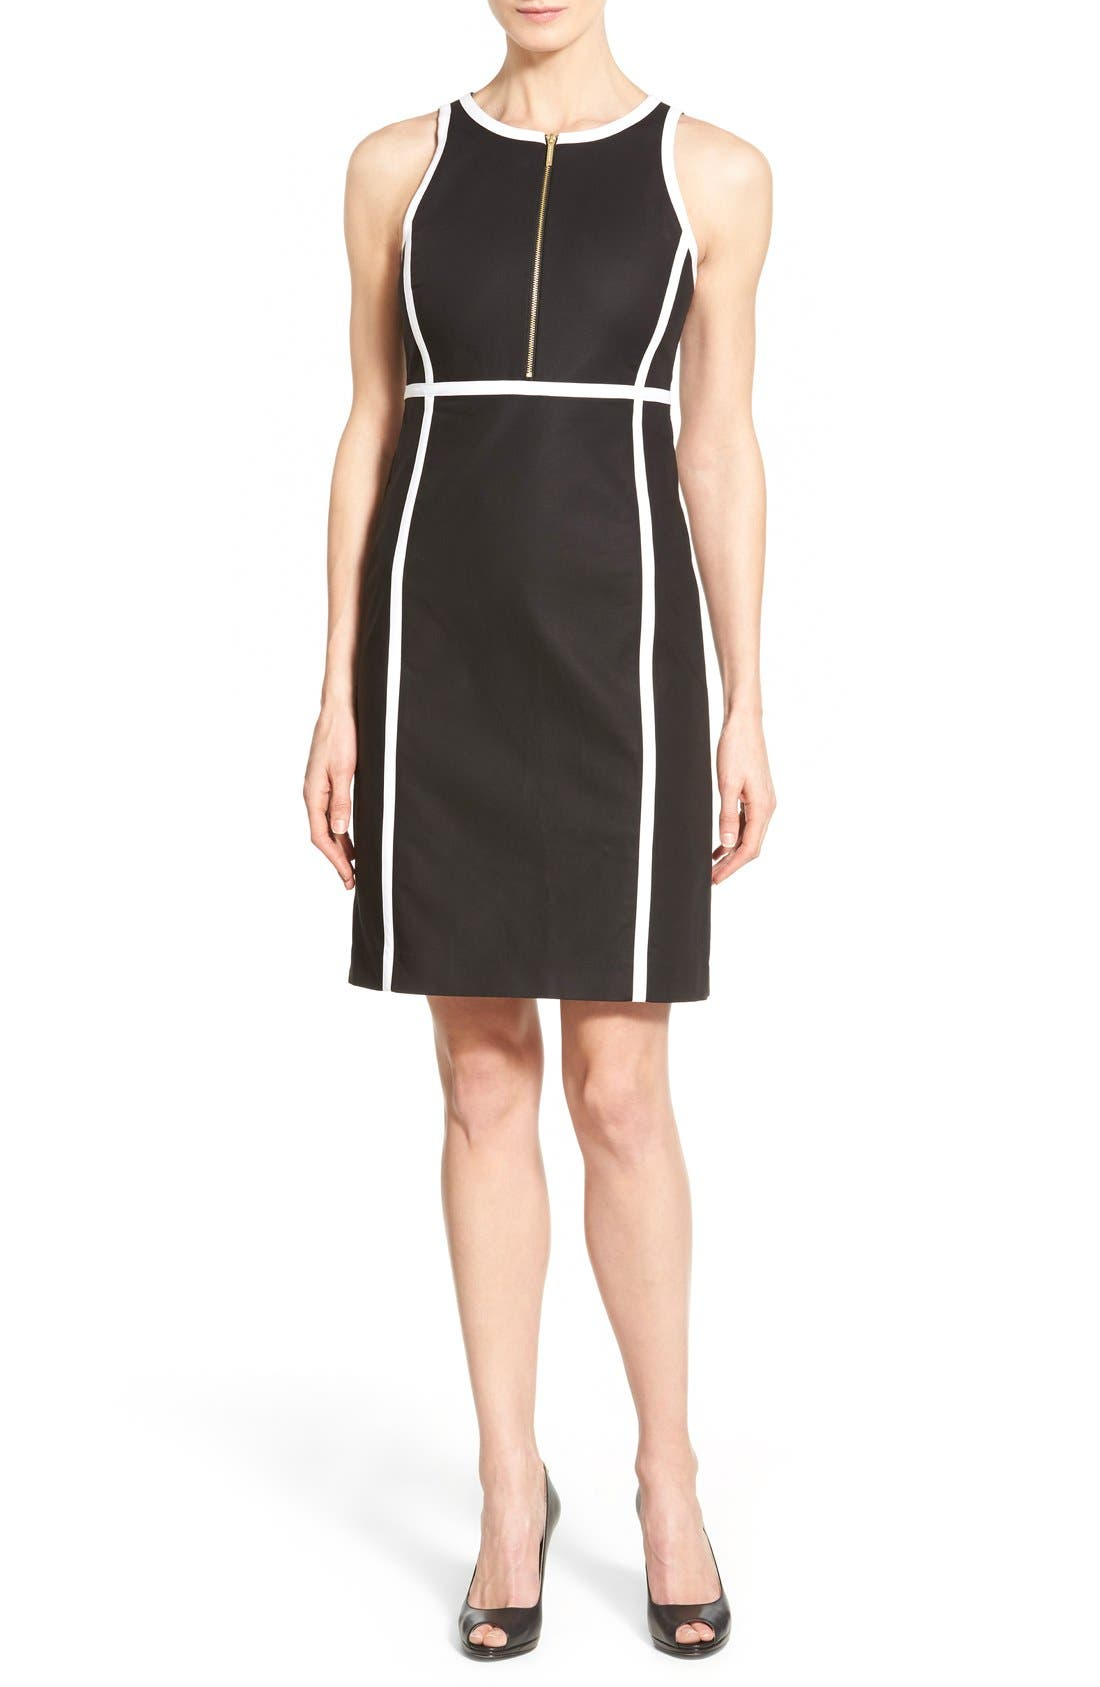 Alternate Image 1 Selected - MICHAEL Michael Kors Contrast Trim Front Zip Sheath Dress (Regular & Petite)